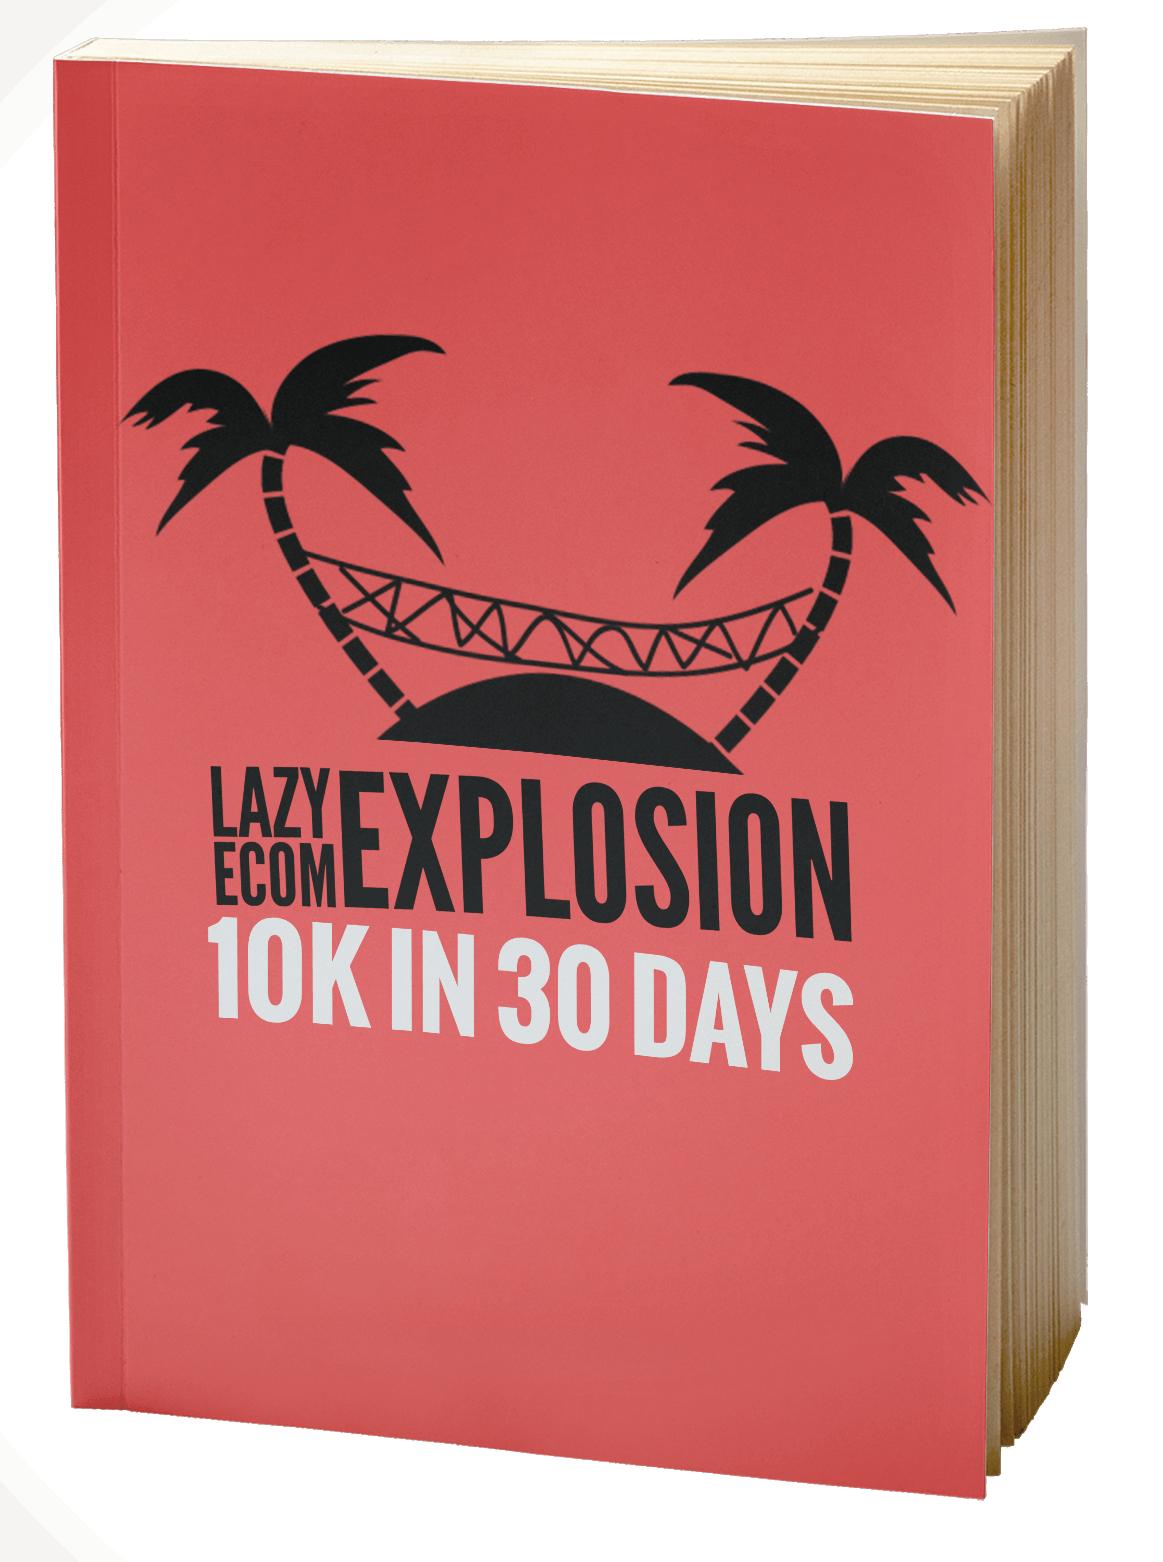 懒人教你如何在Shopify上销售实物的直接方法(Lazy eCom Explosion)